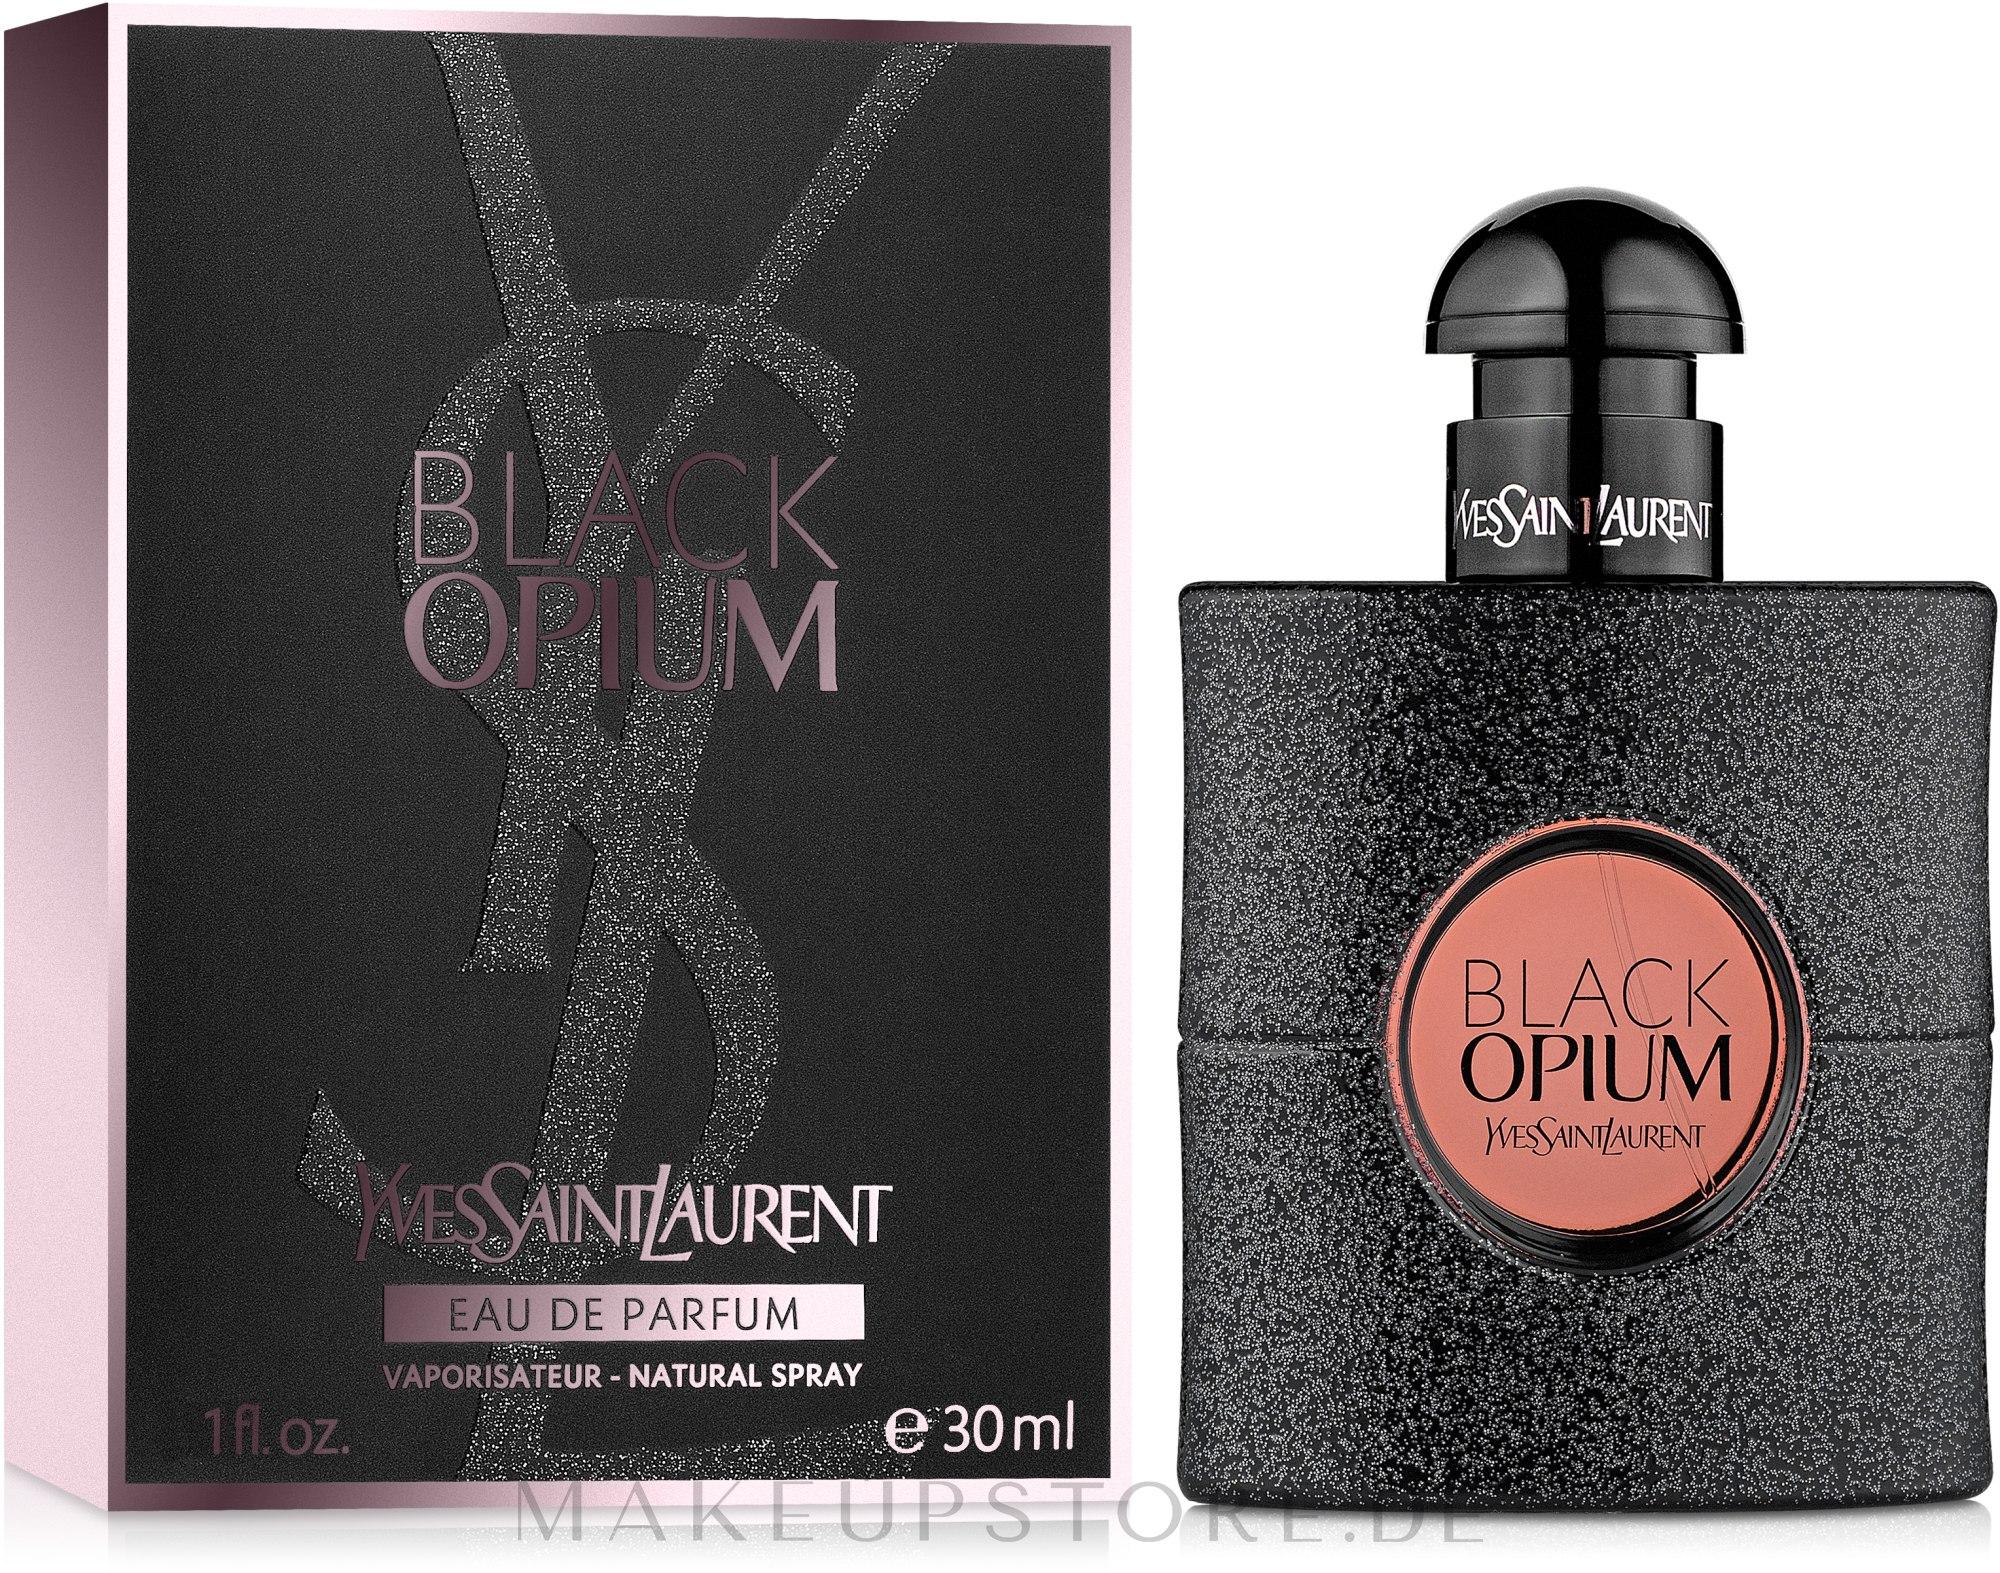 MAKEUP | Eau de Parfum Yves Saint Laurent Black Opium